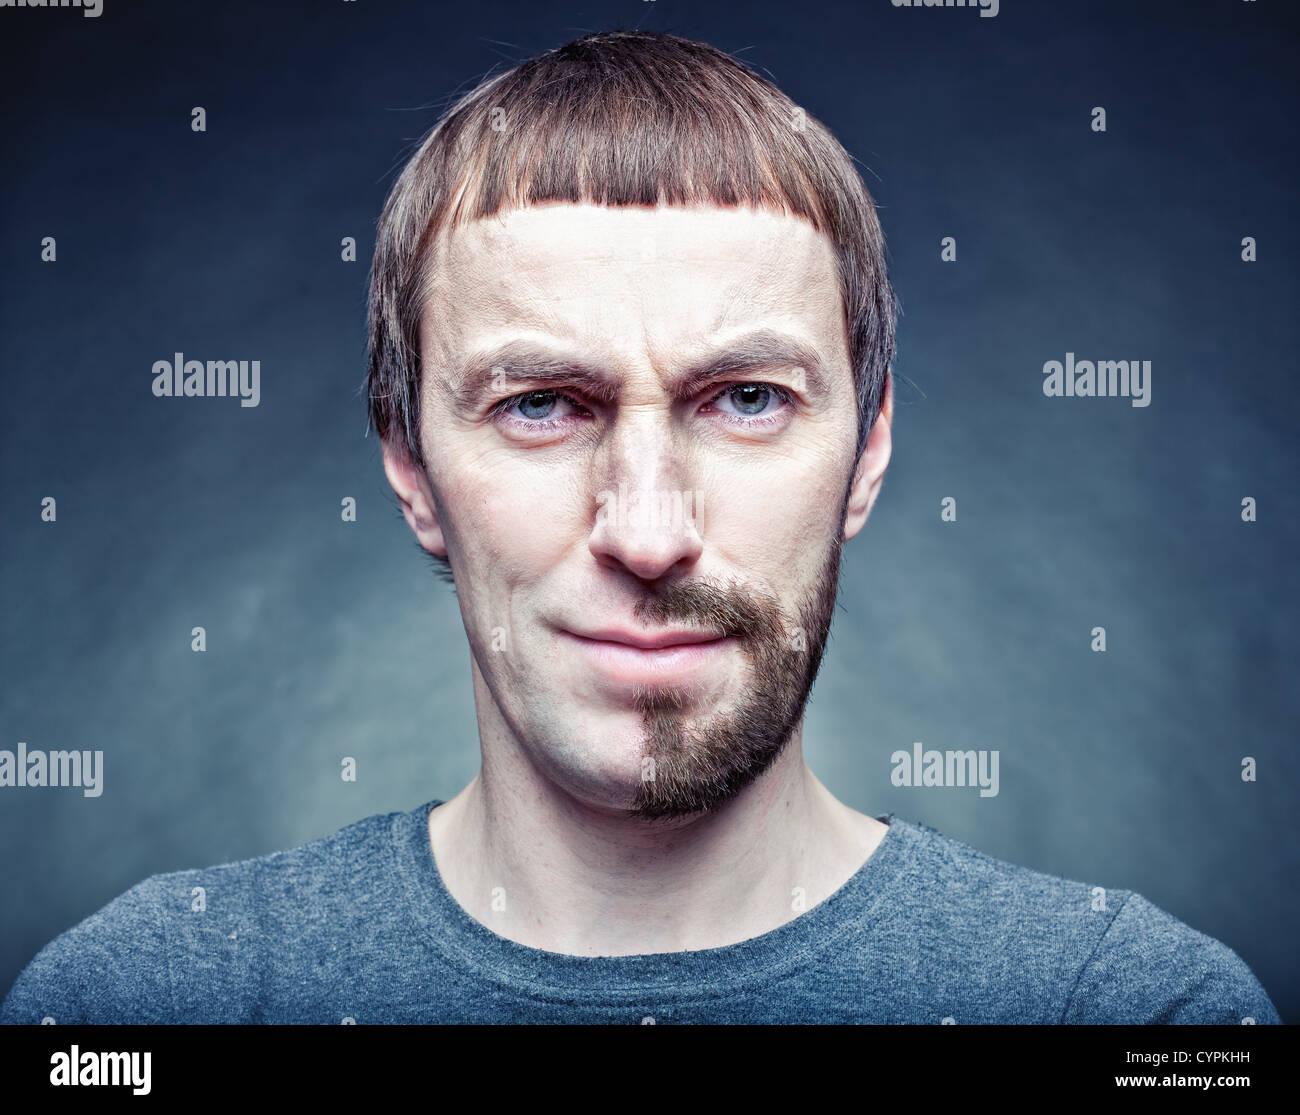 La mitad de la etapa el rostro afeitado concepto fotográfico. Imagen De Stock